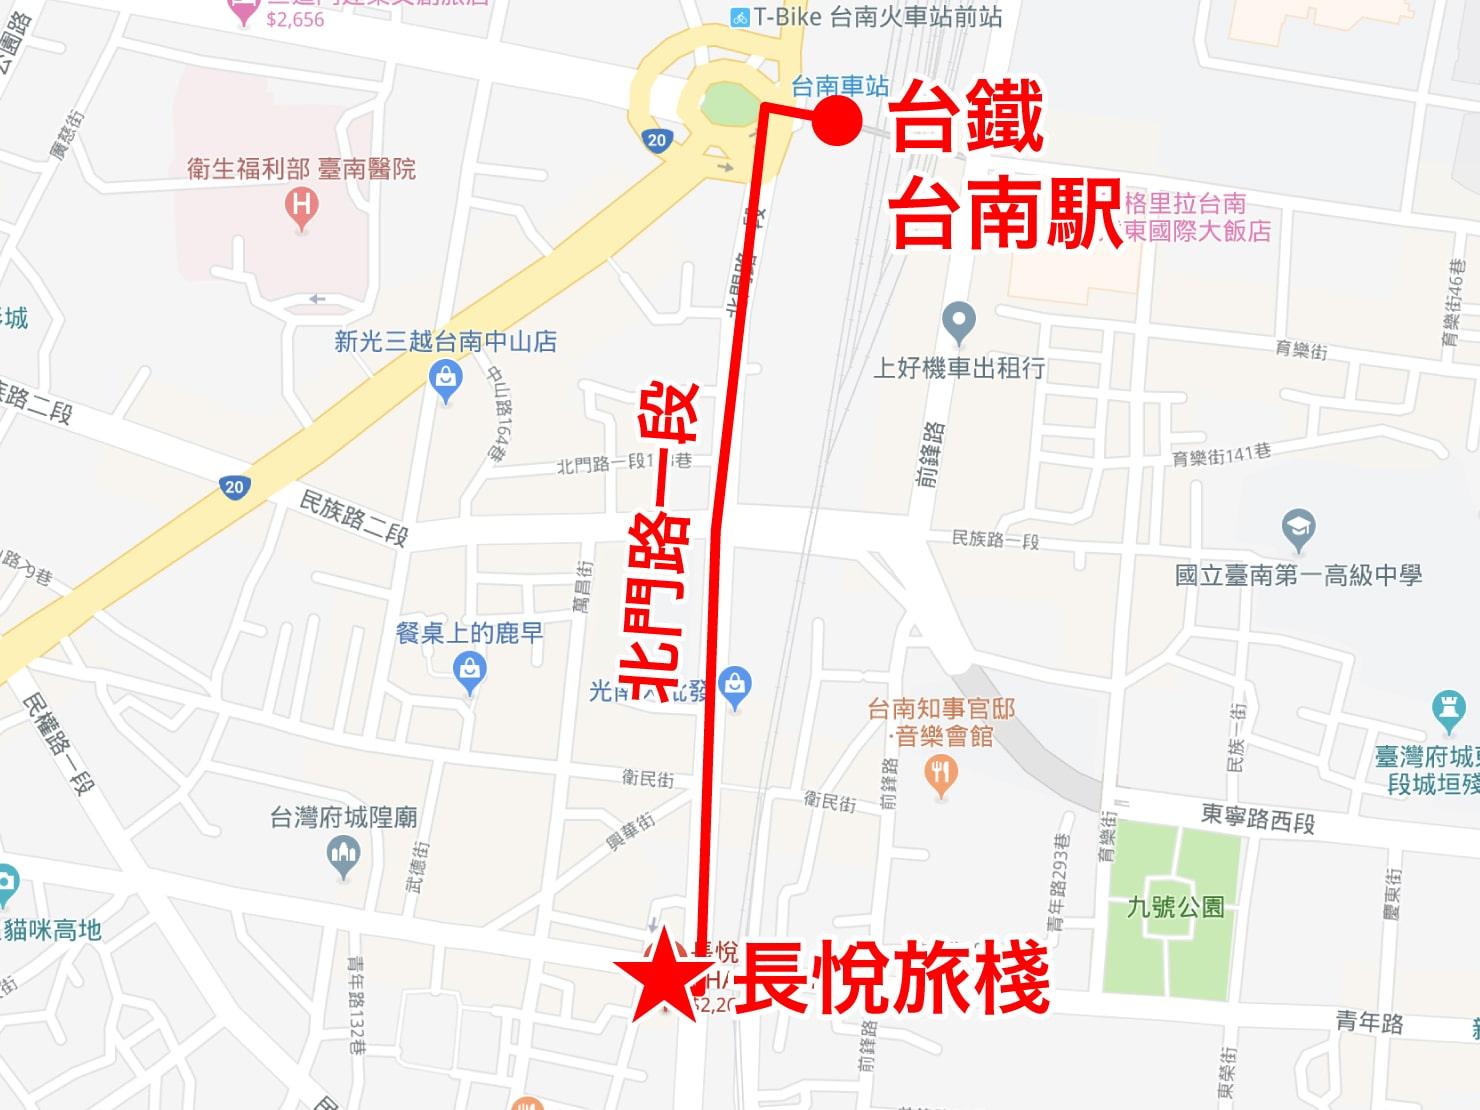 台南市内観光におすすめのホテル「長悅旅棧」へのアクセス